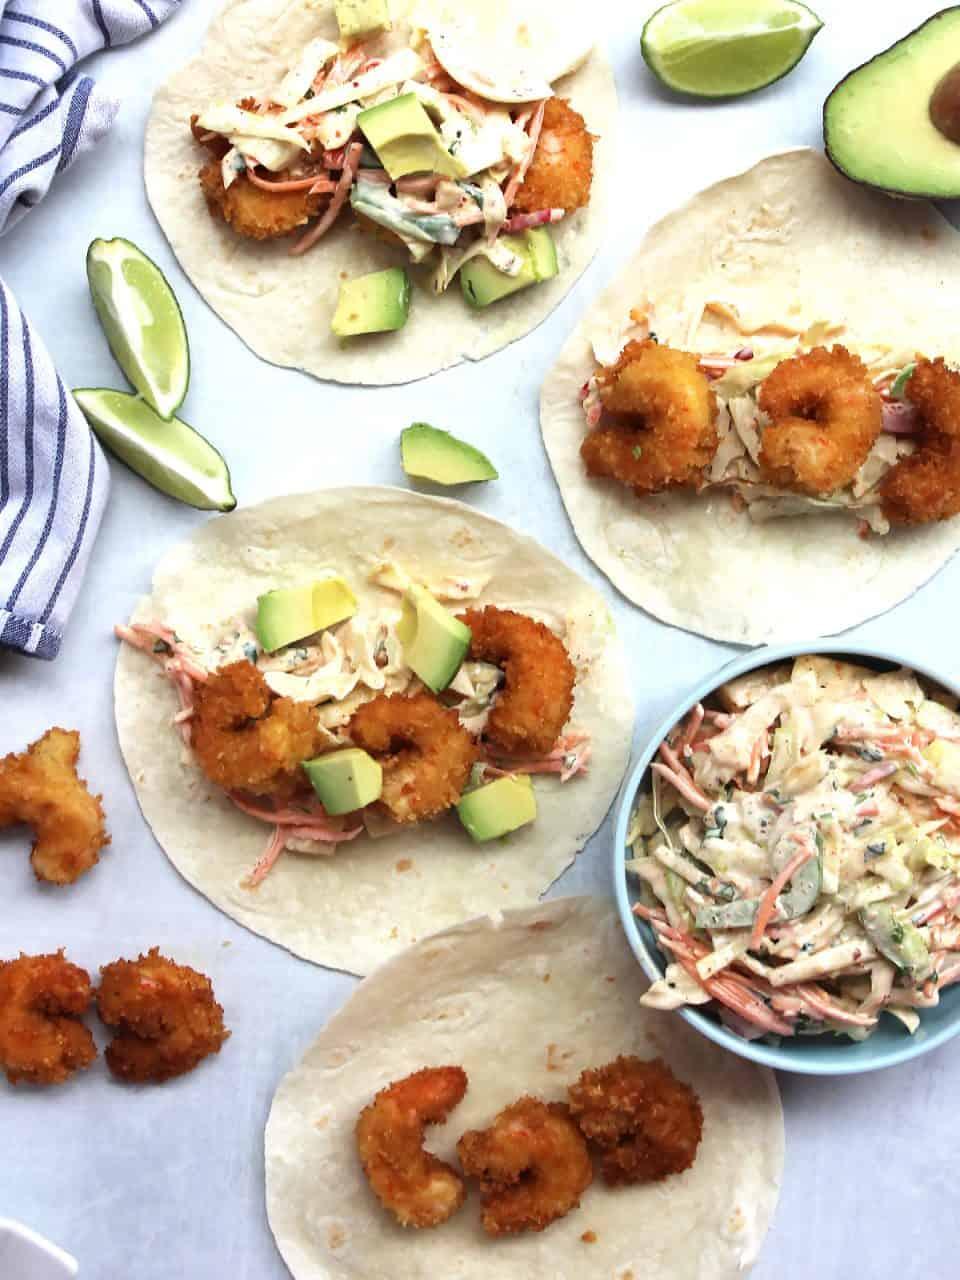 Fried shrimp tacos ready to serve.